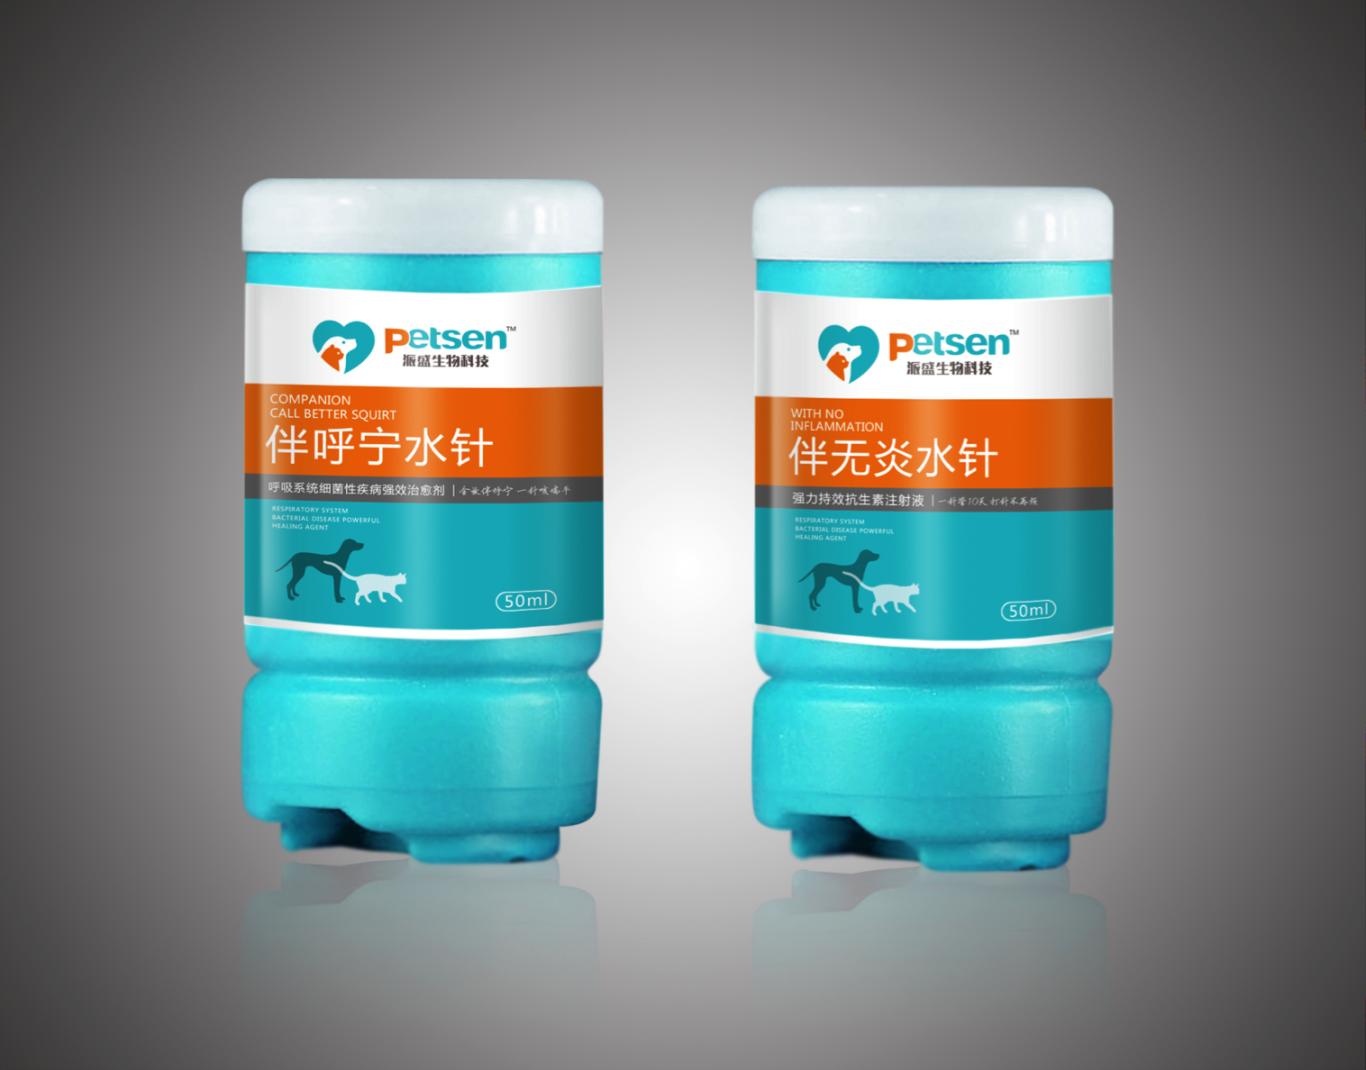 派盛科技 宠物药包装设计图4